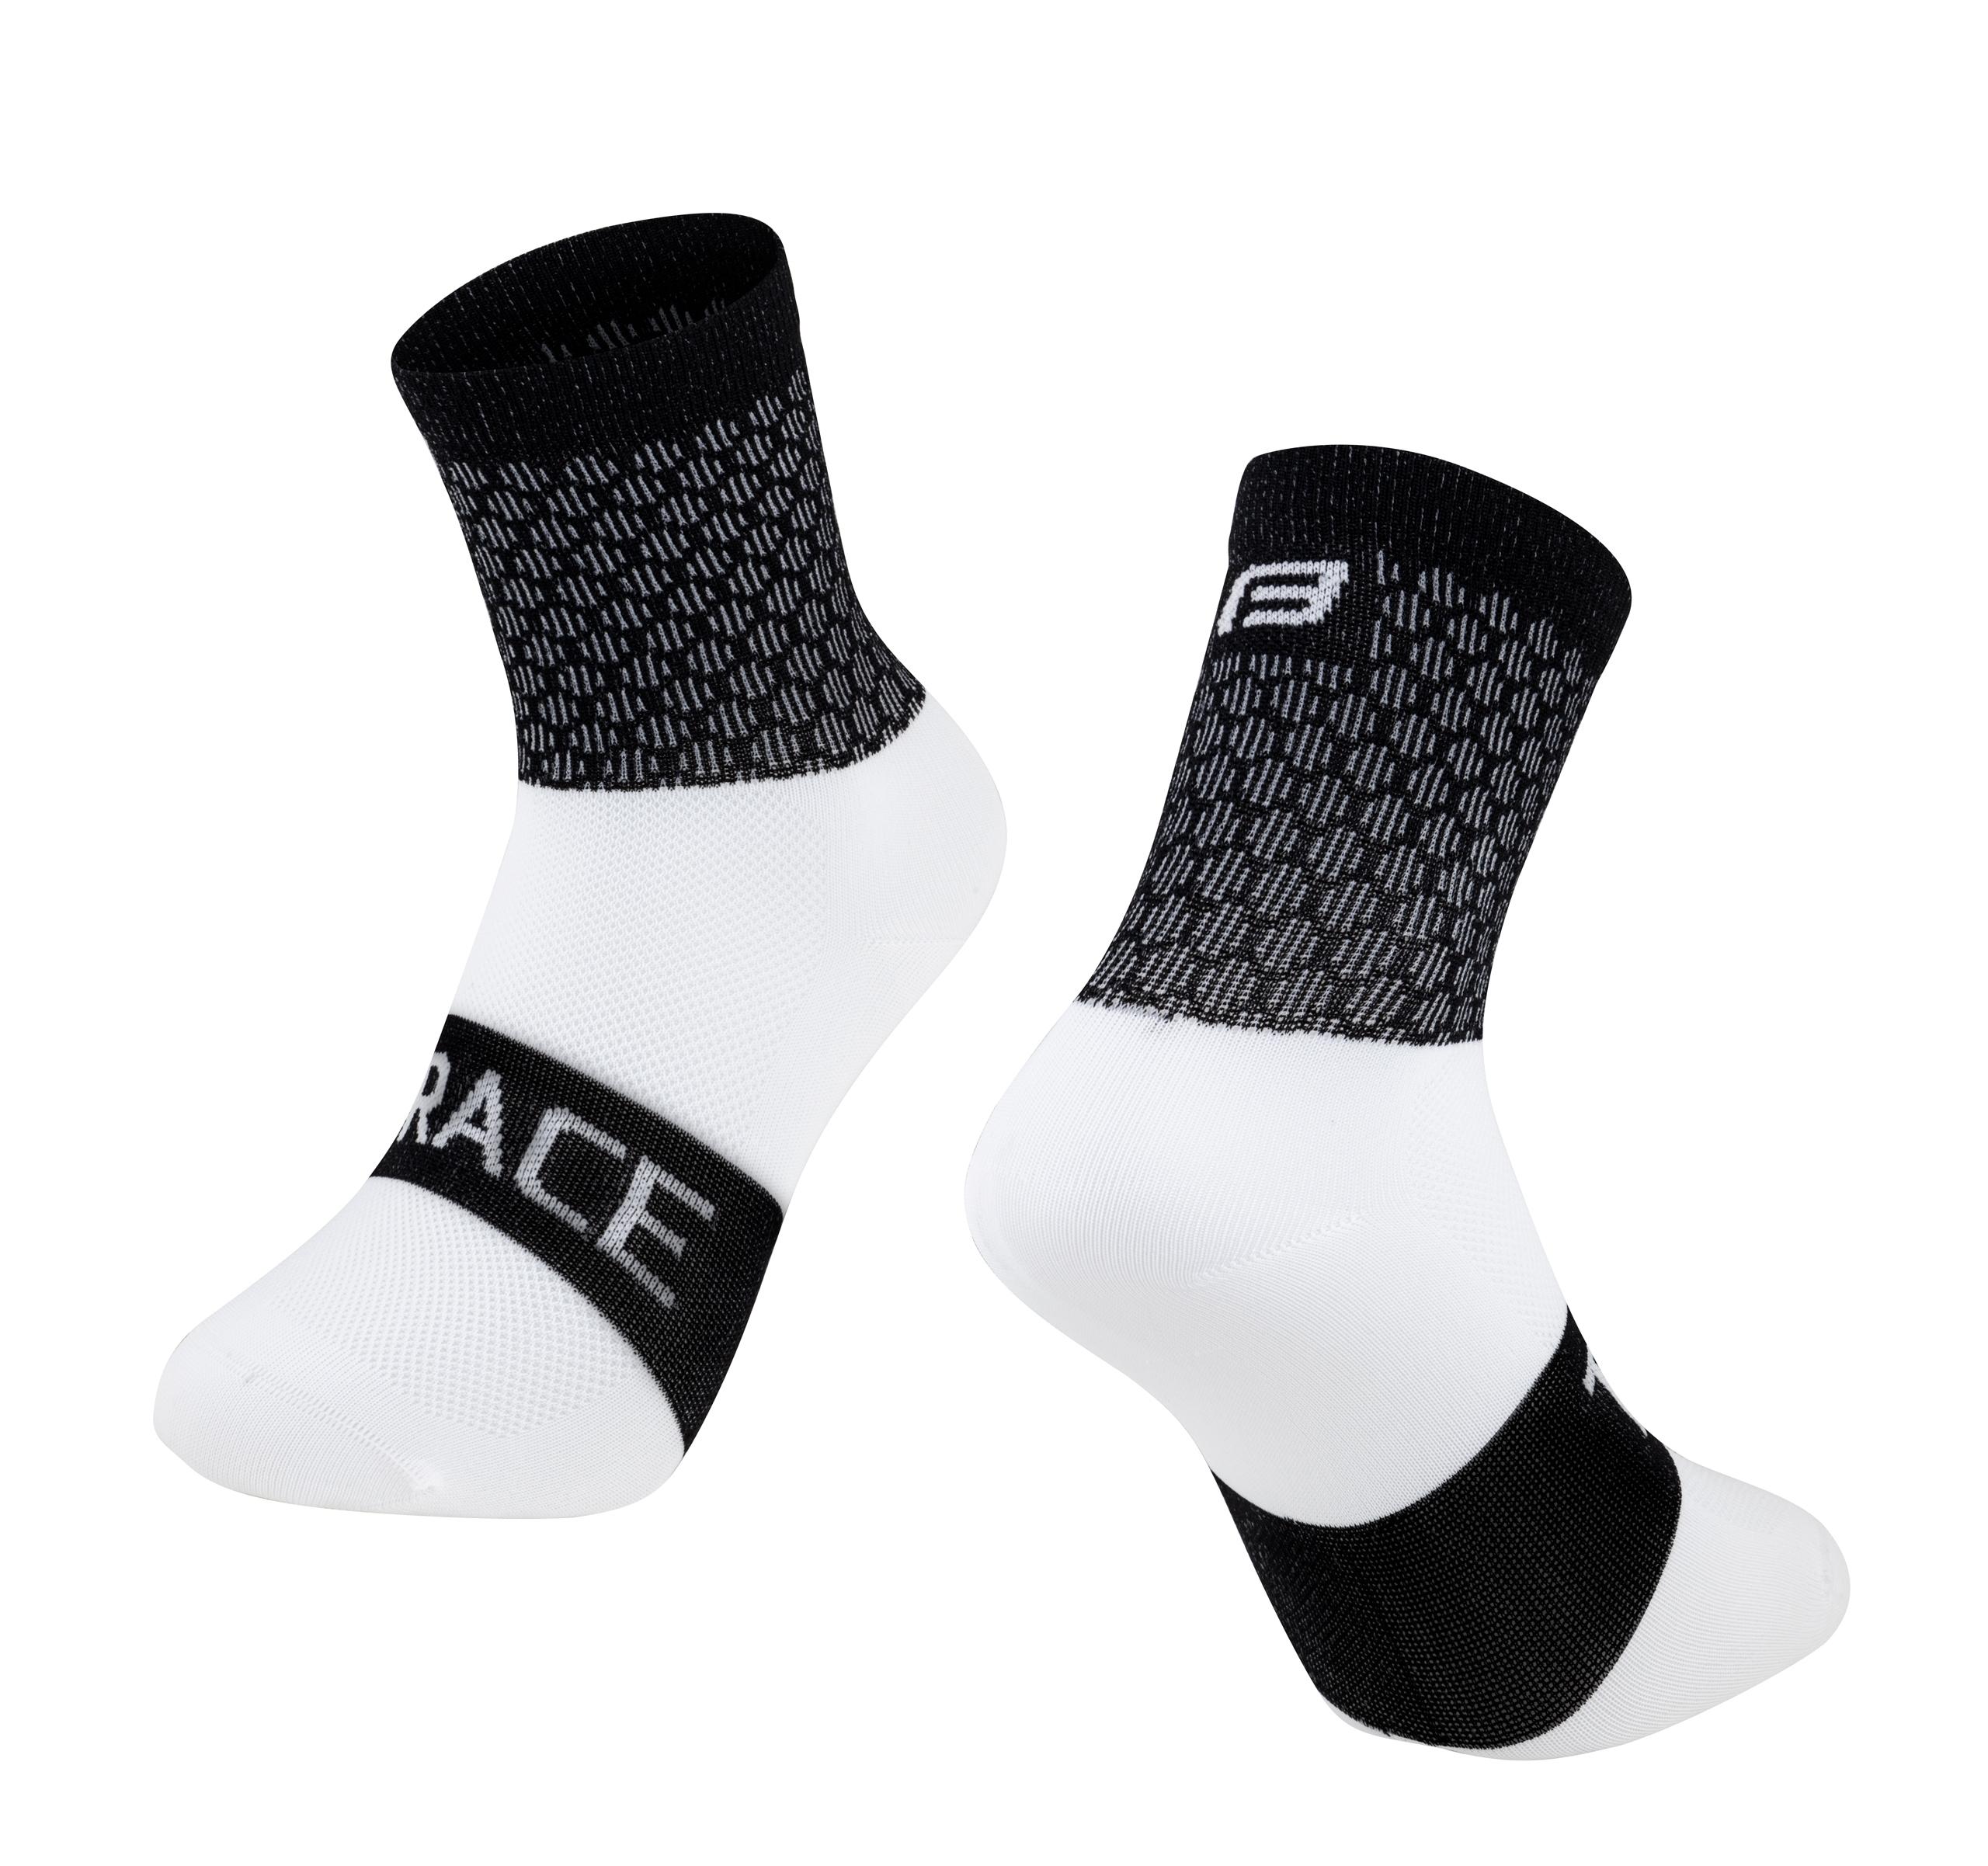 Ponožky FORCE TRACE, černo-bílé Velikost: S-M, určení: cyklistické, model: TRACE